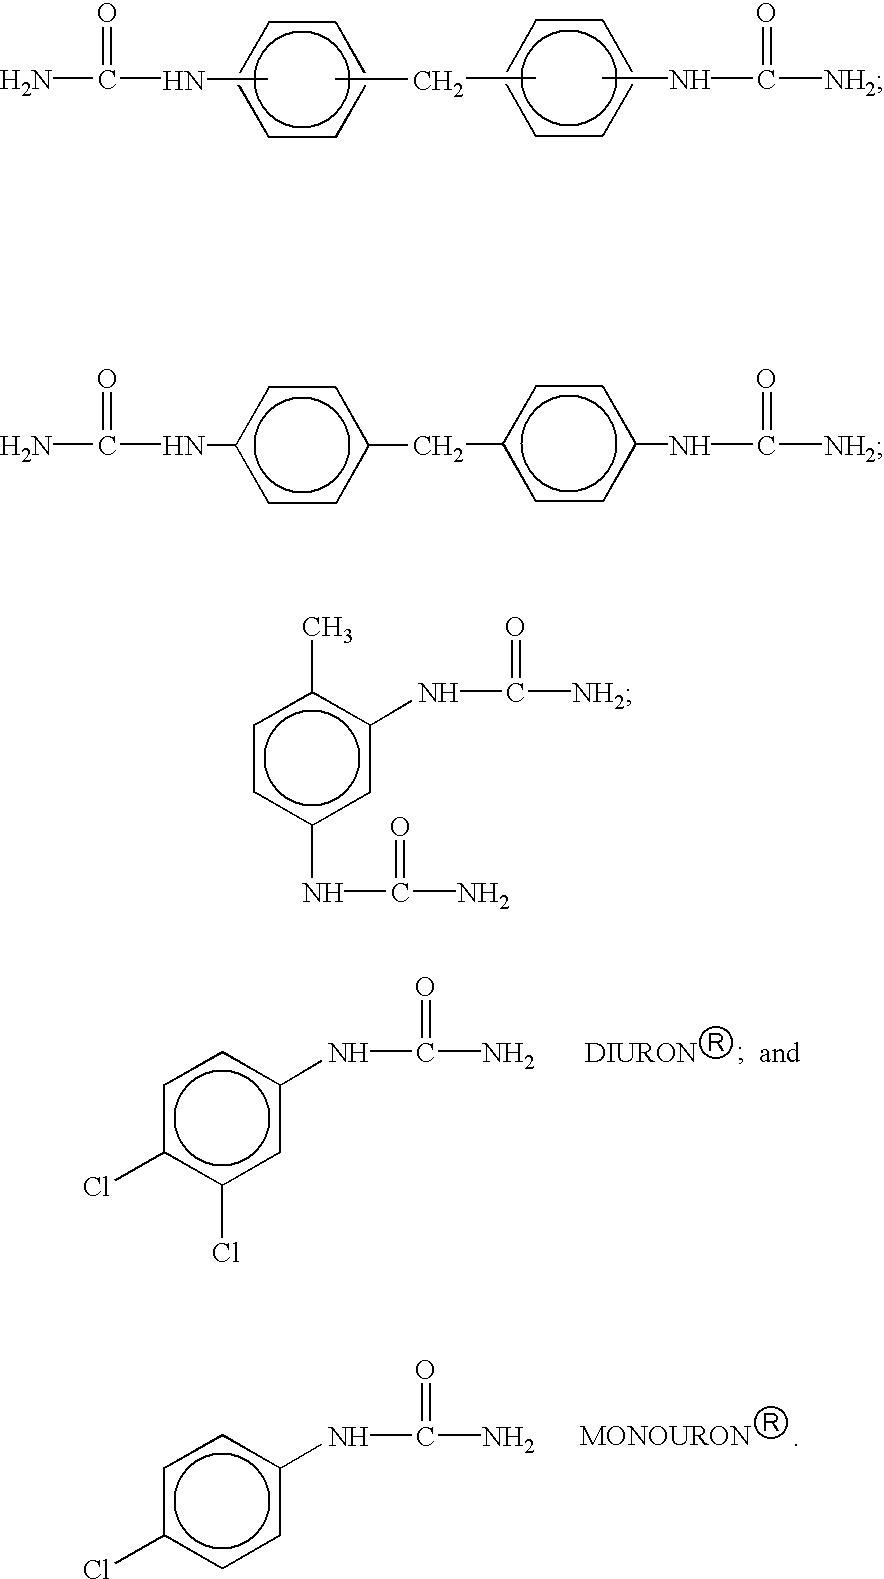 Figure US06475621-20021105-C00006